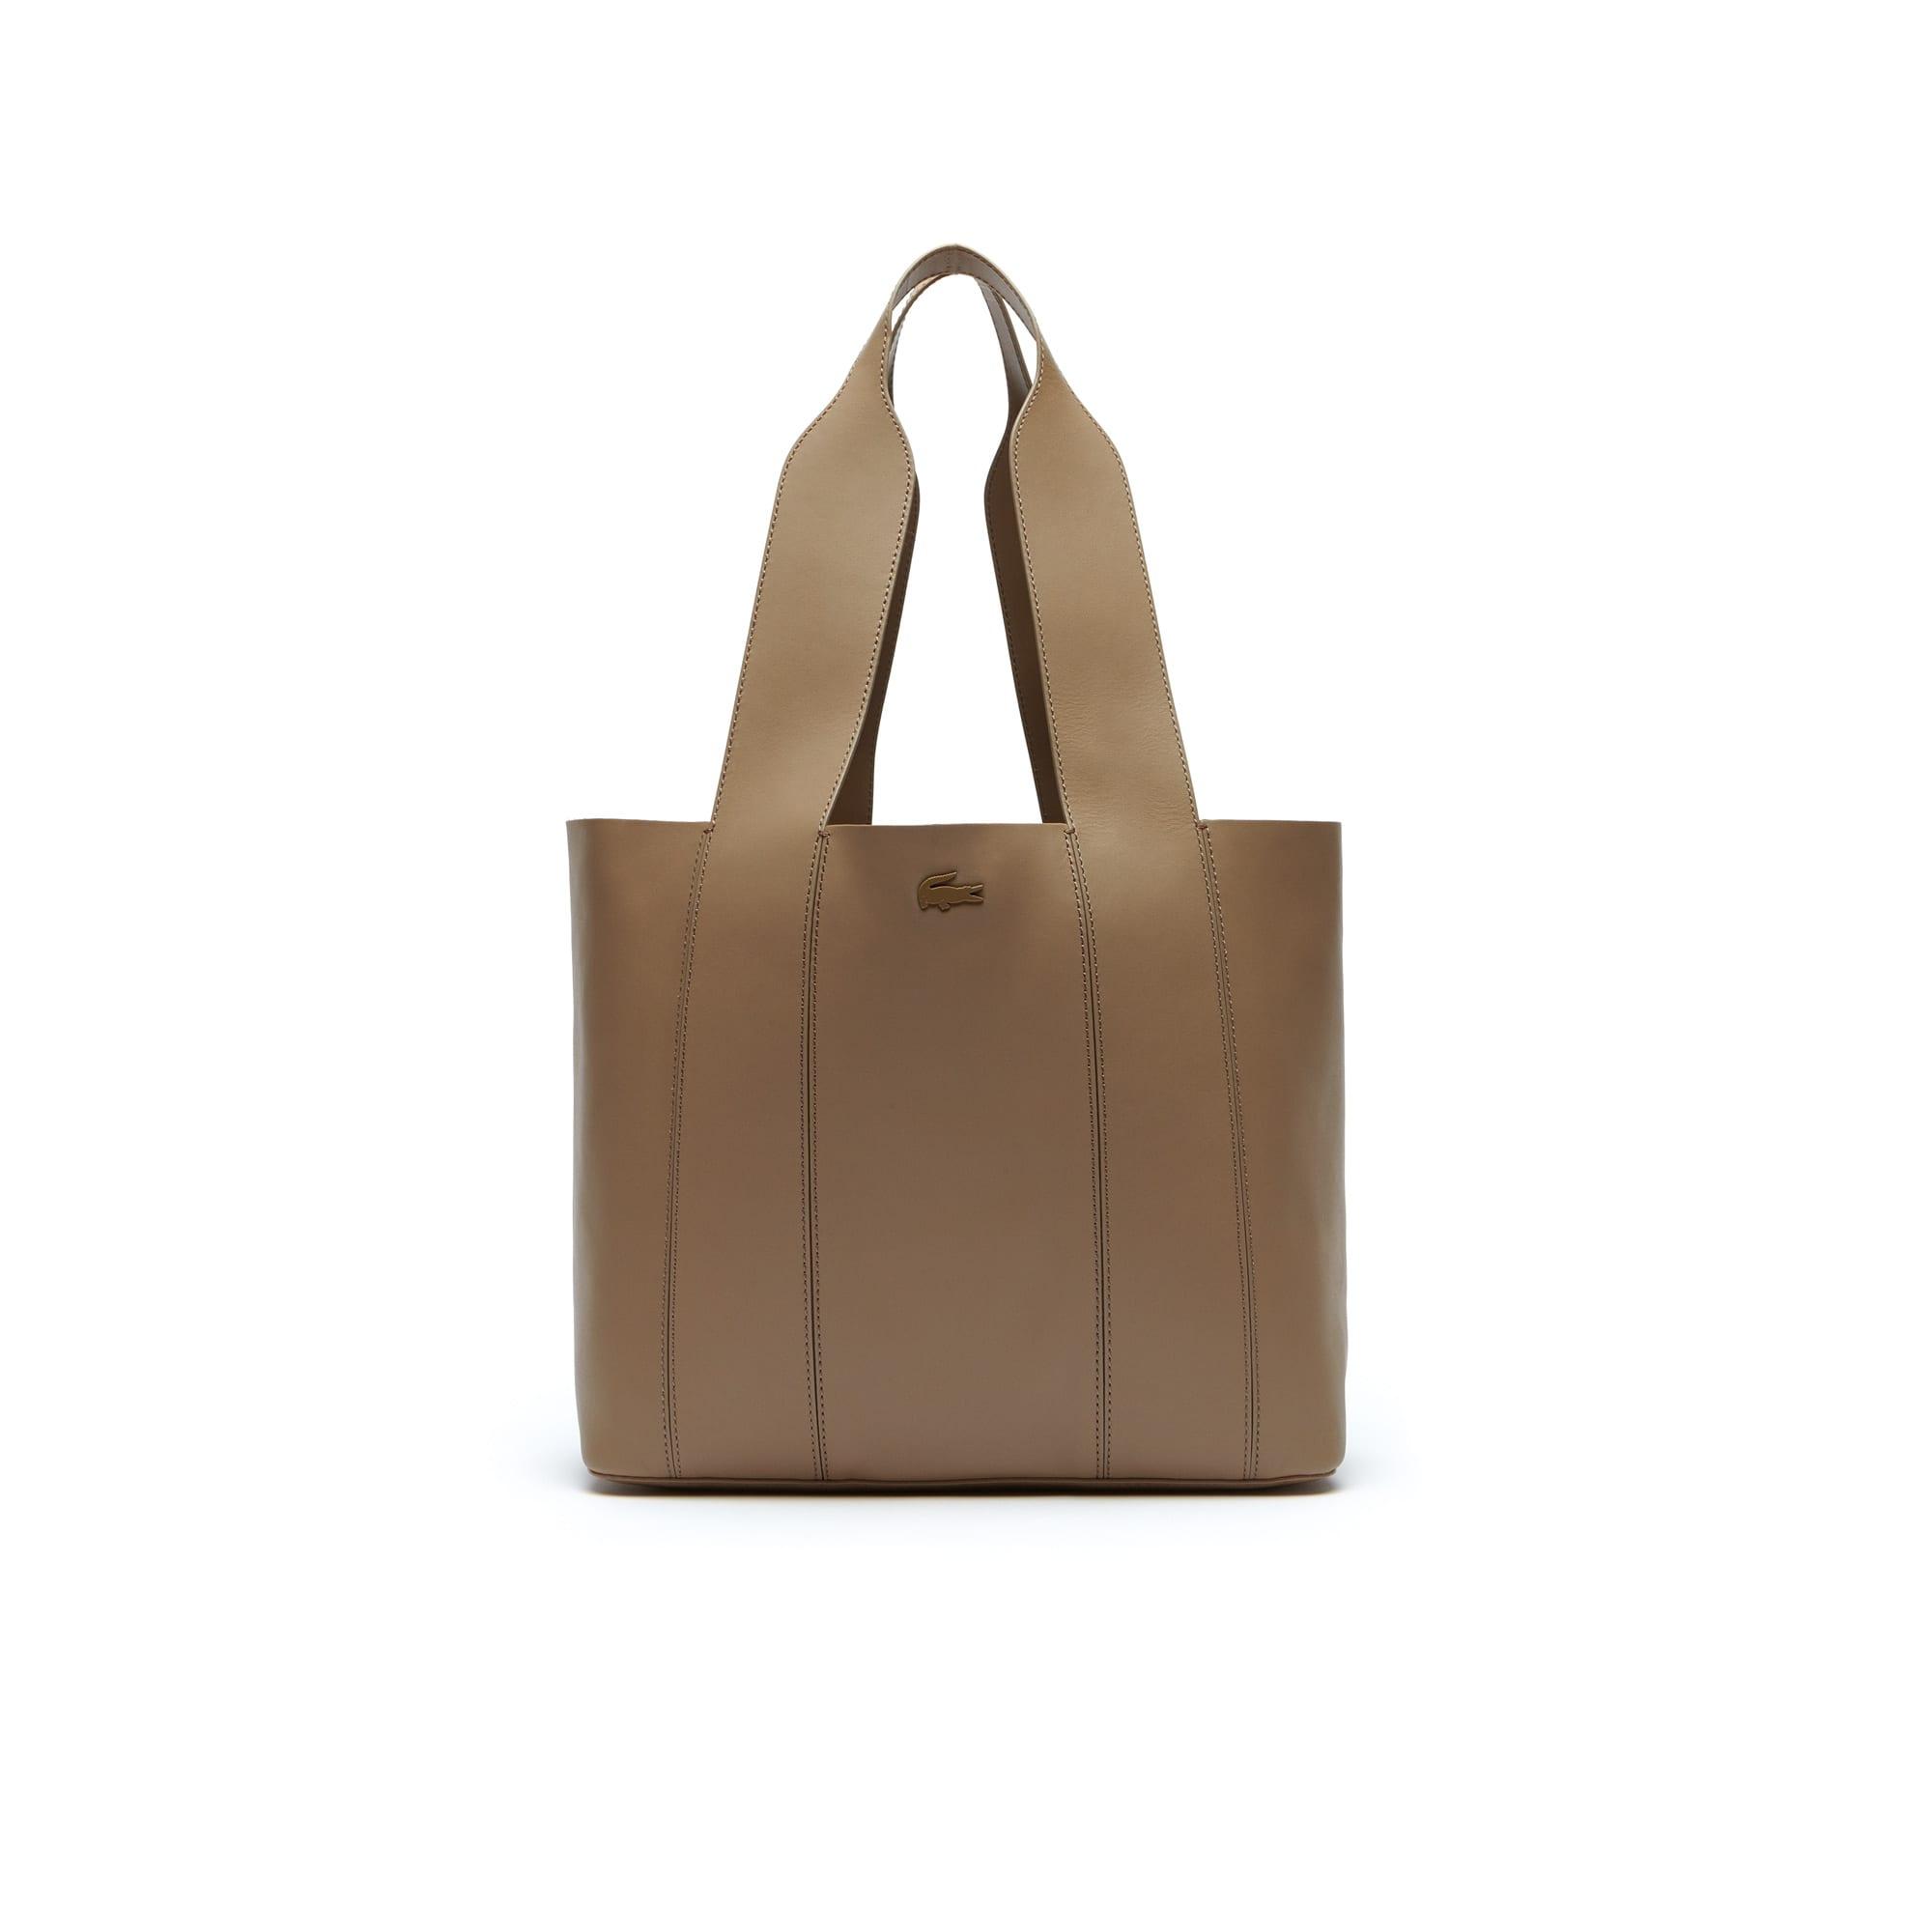 Einfarbige Damen-Leder Tote Bag Purity Soft